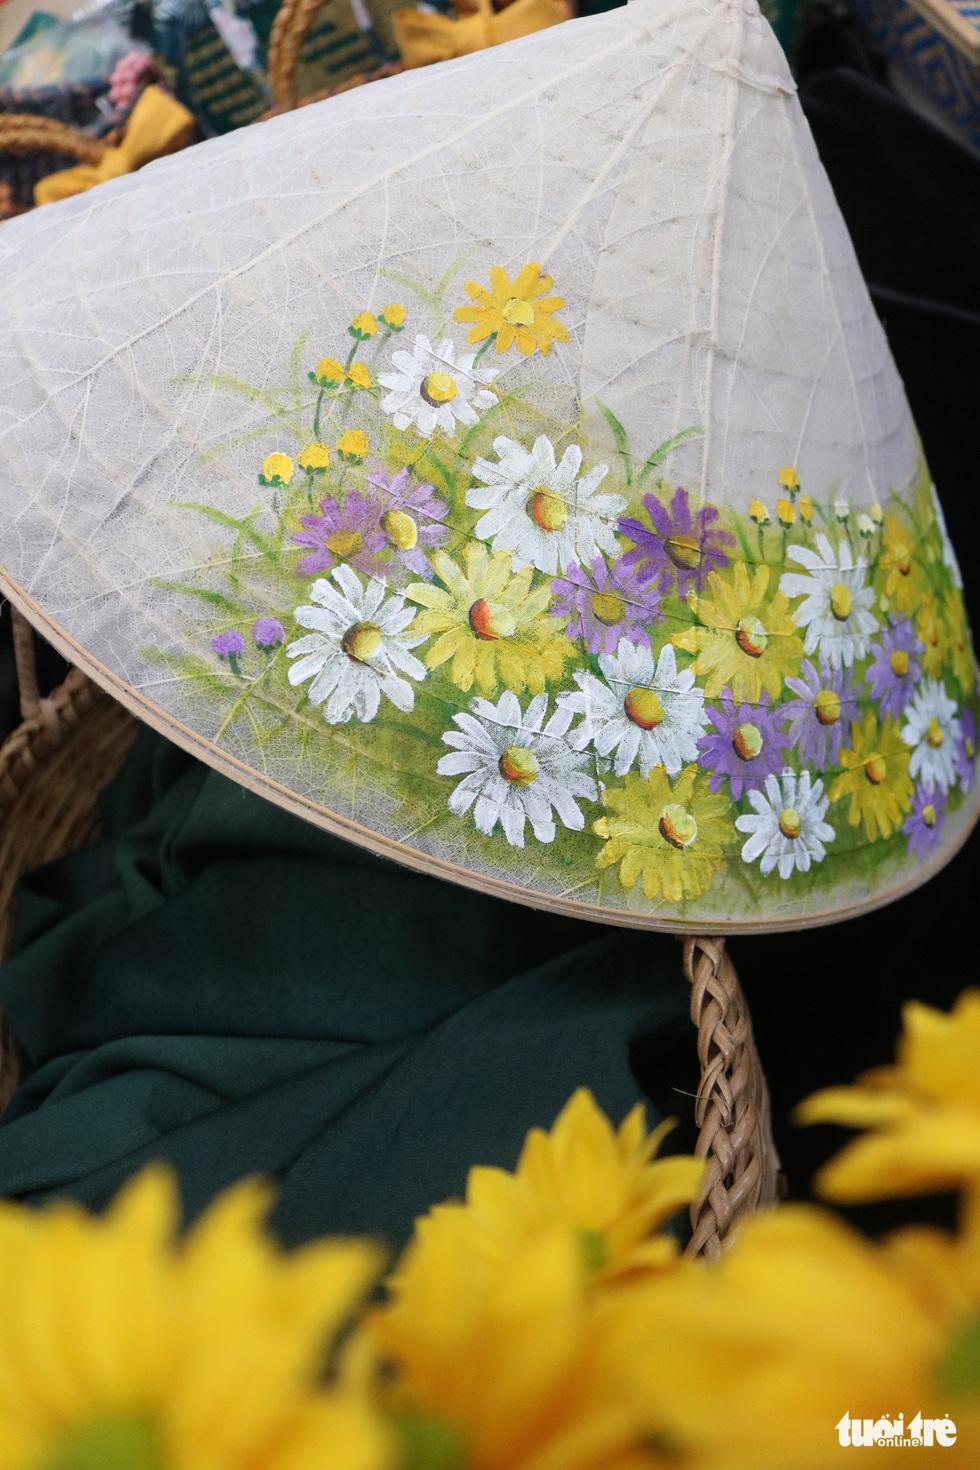 Nón lá, túi xách, ví từ lá sen, cỏ bàng được tô điểm thành sản phẩm ăn tiền - Ảnh 4.